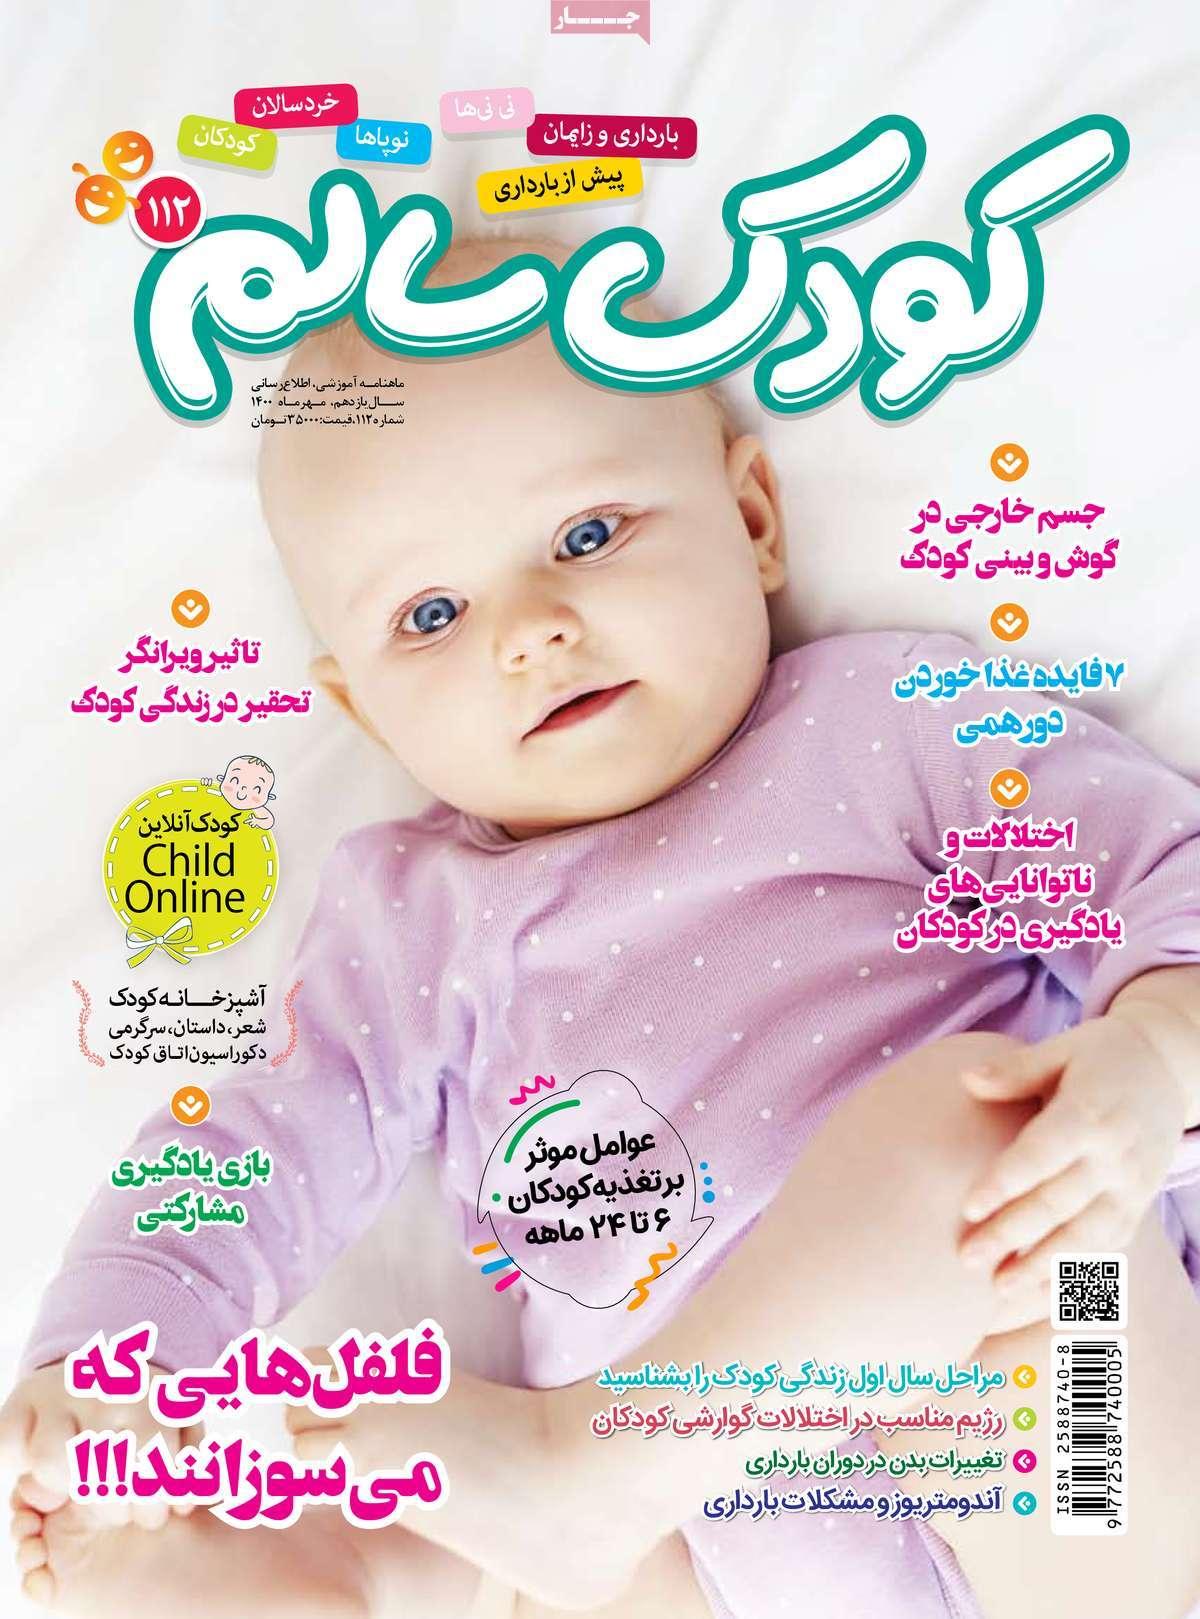 صفحه نخست مجله کودک سالم - پنجشنبه, ۰۱ مهر ۱۴۰۰